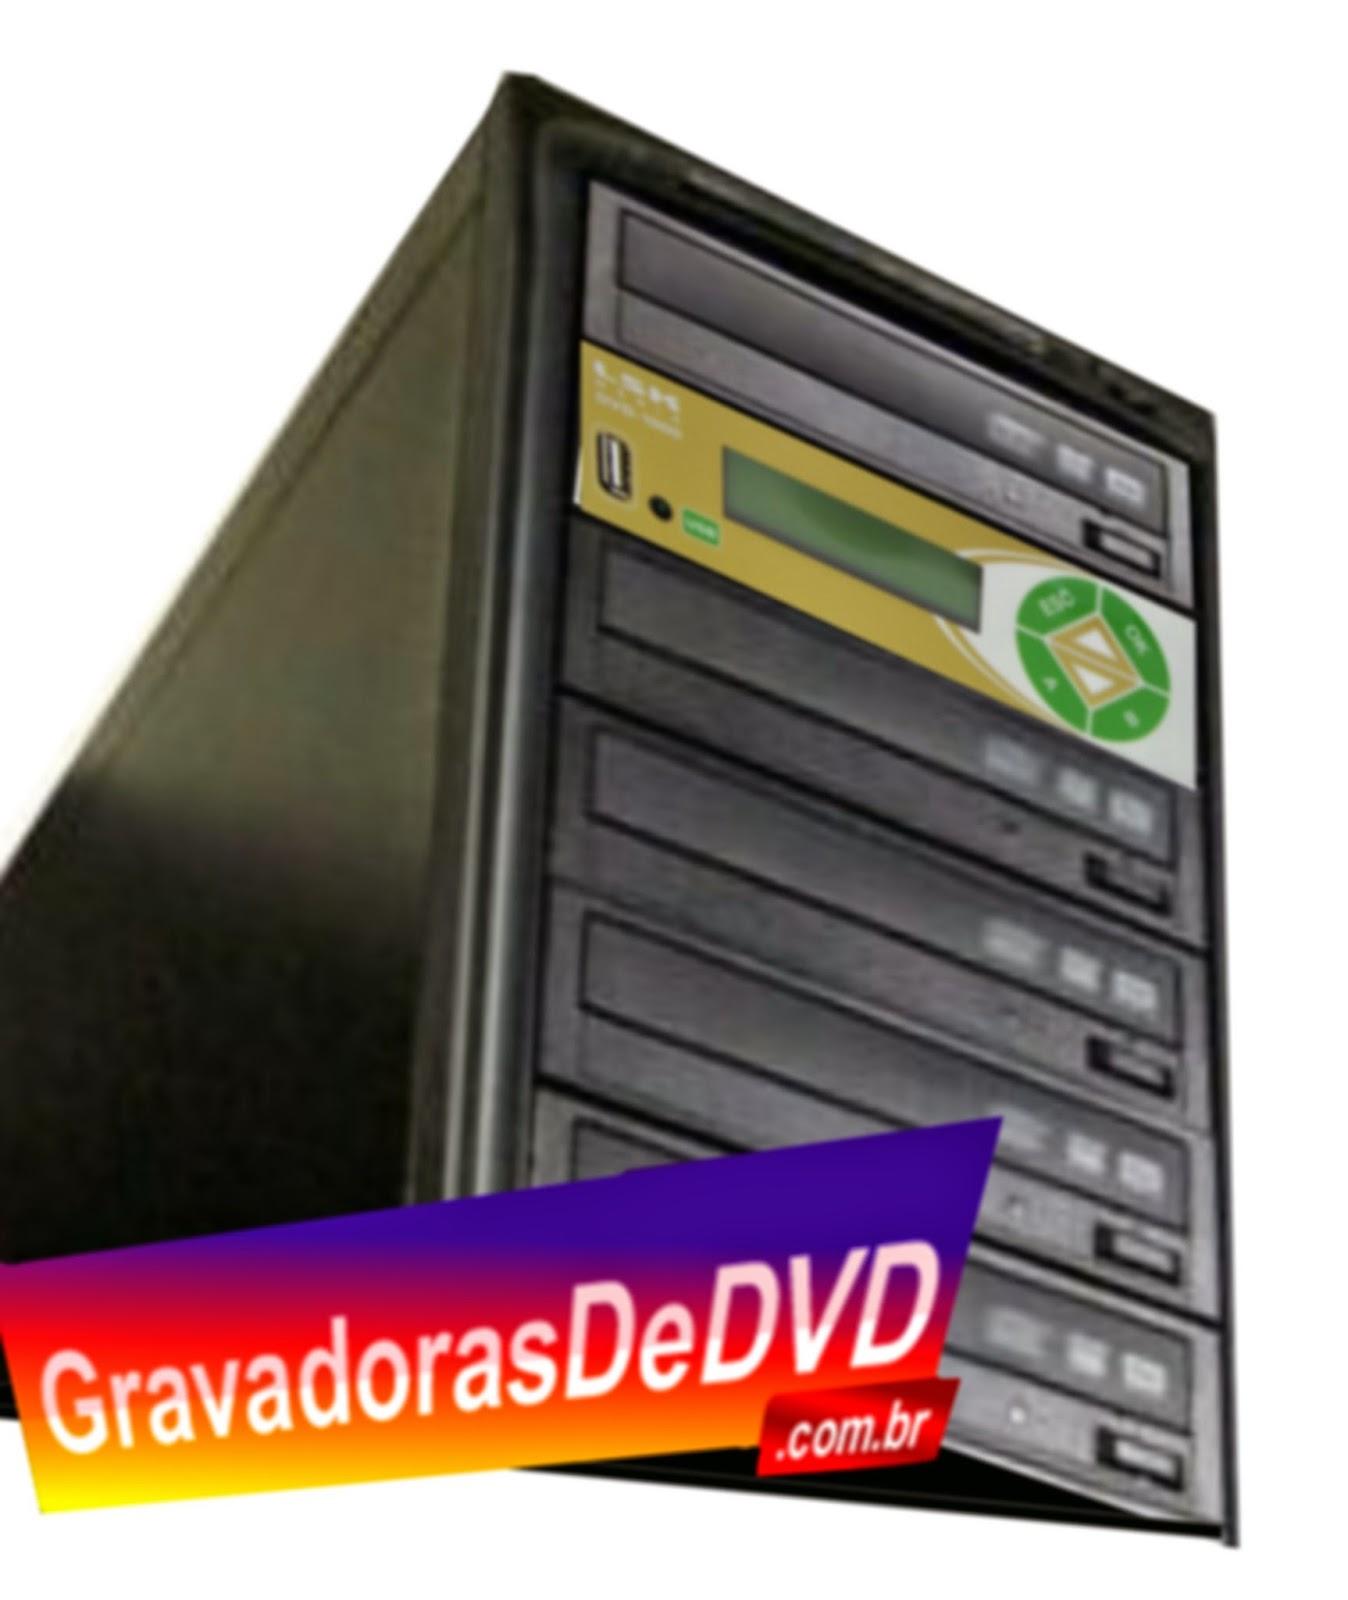 copiador de dvd em portugues